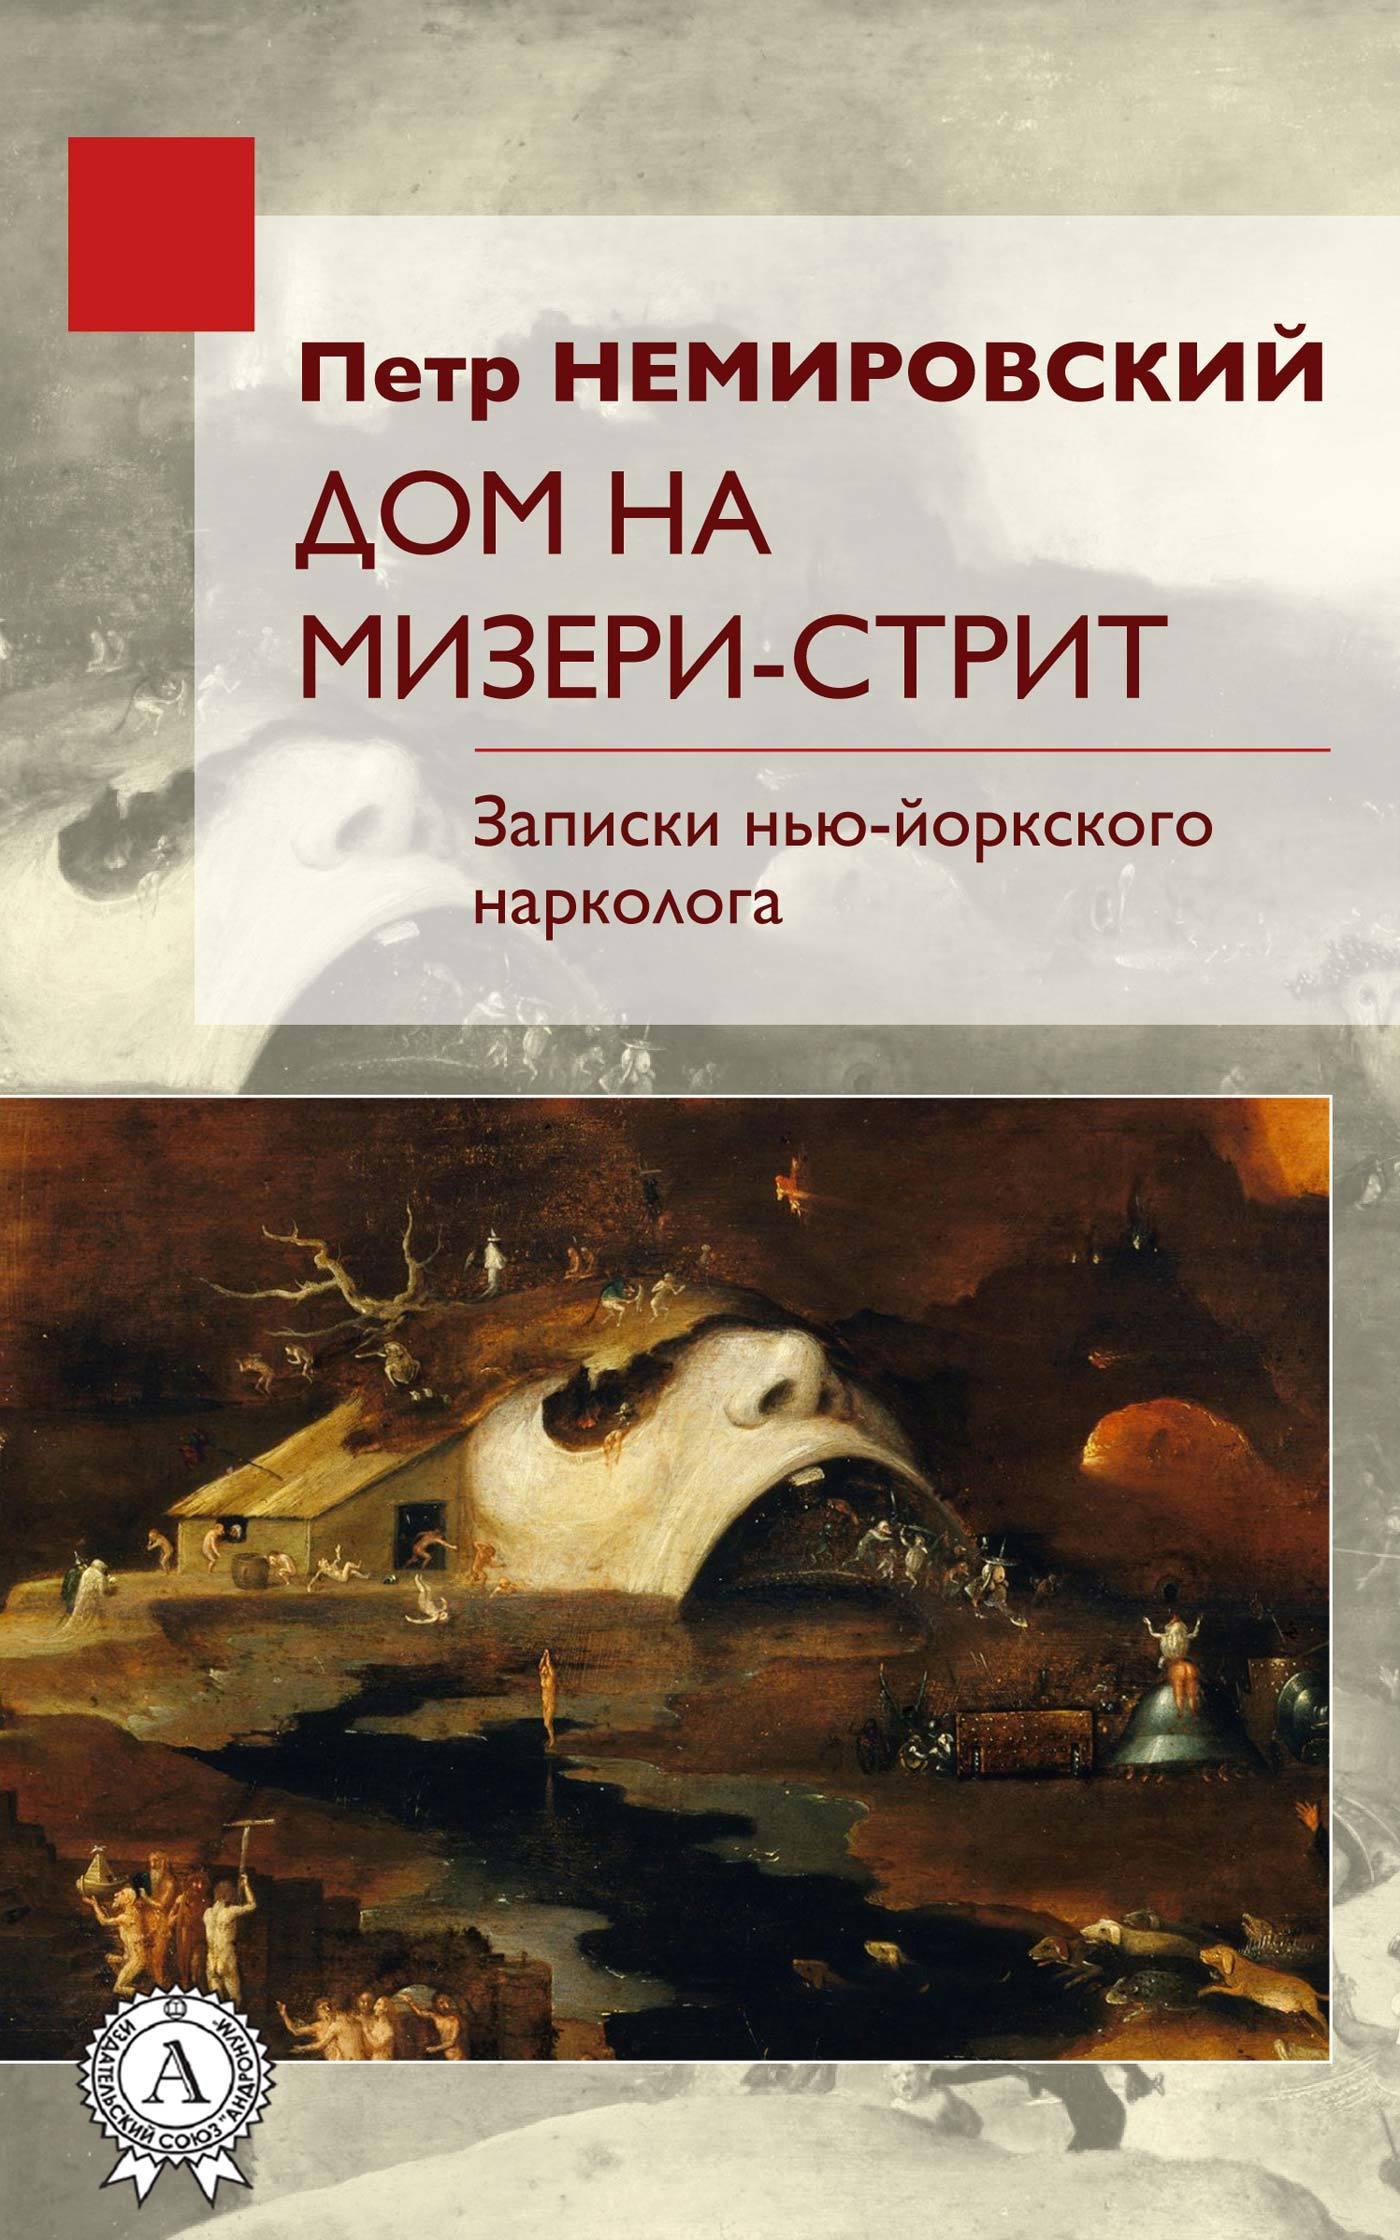 Петр Немировский бесплатно